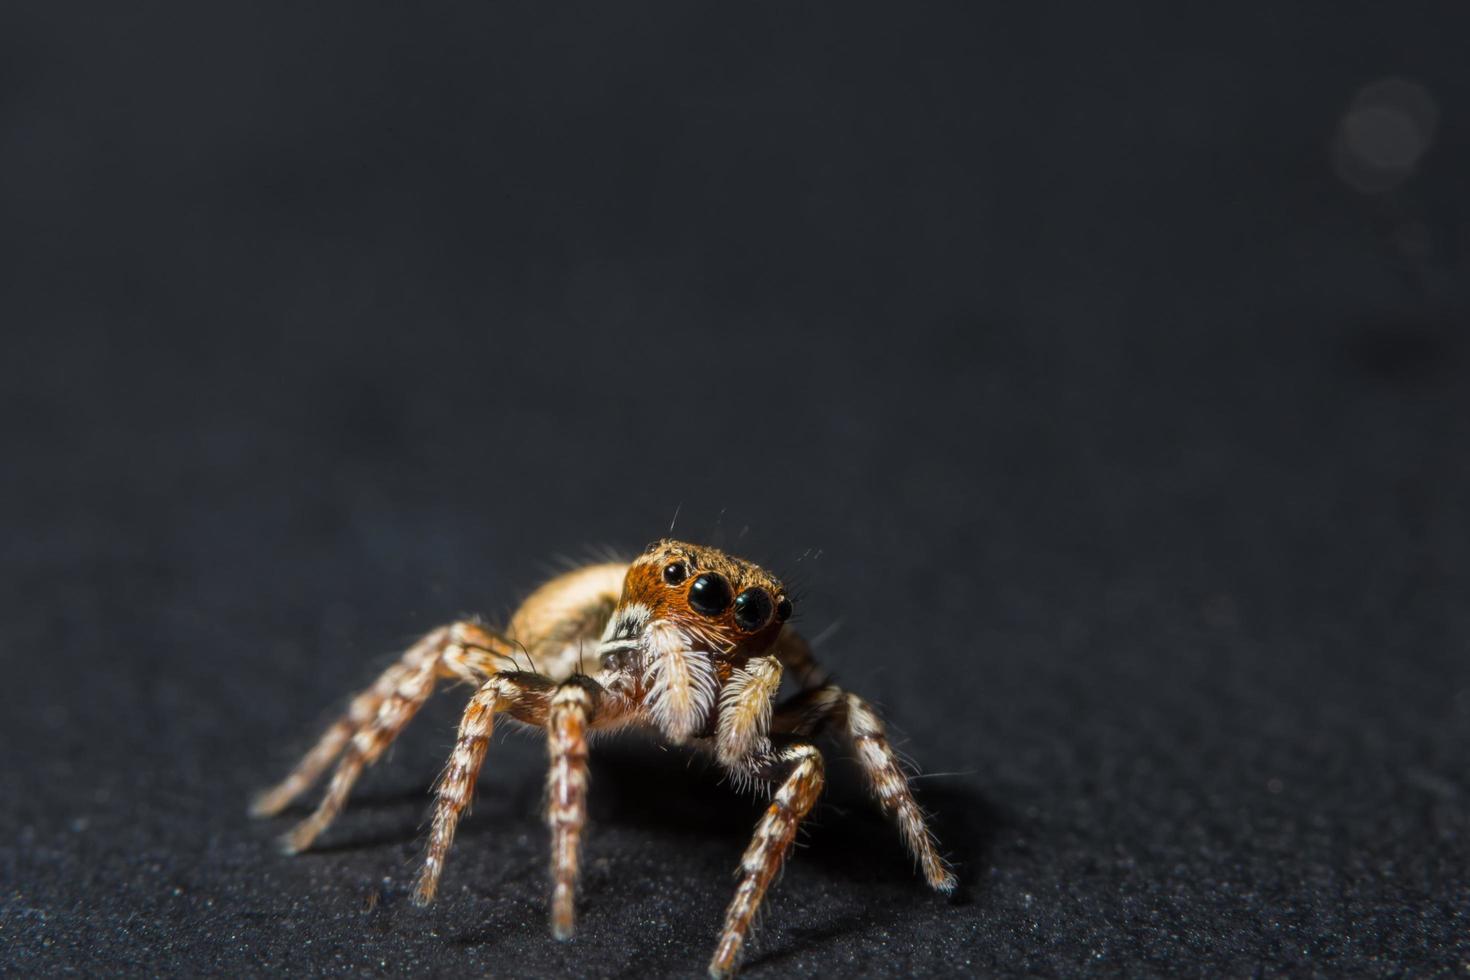 Spinne auf schwarzem Hintergrund foto